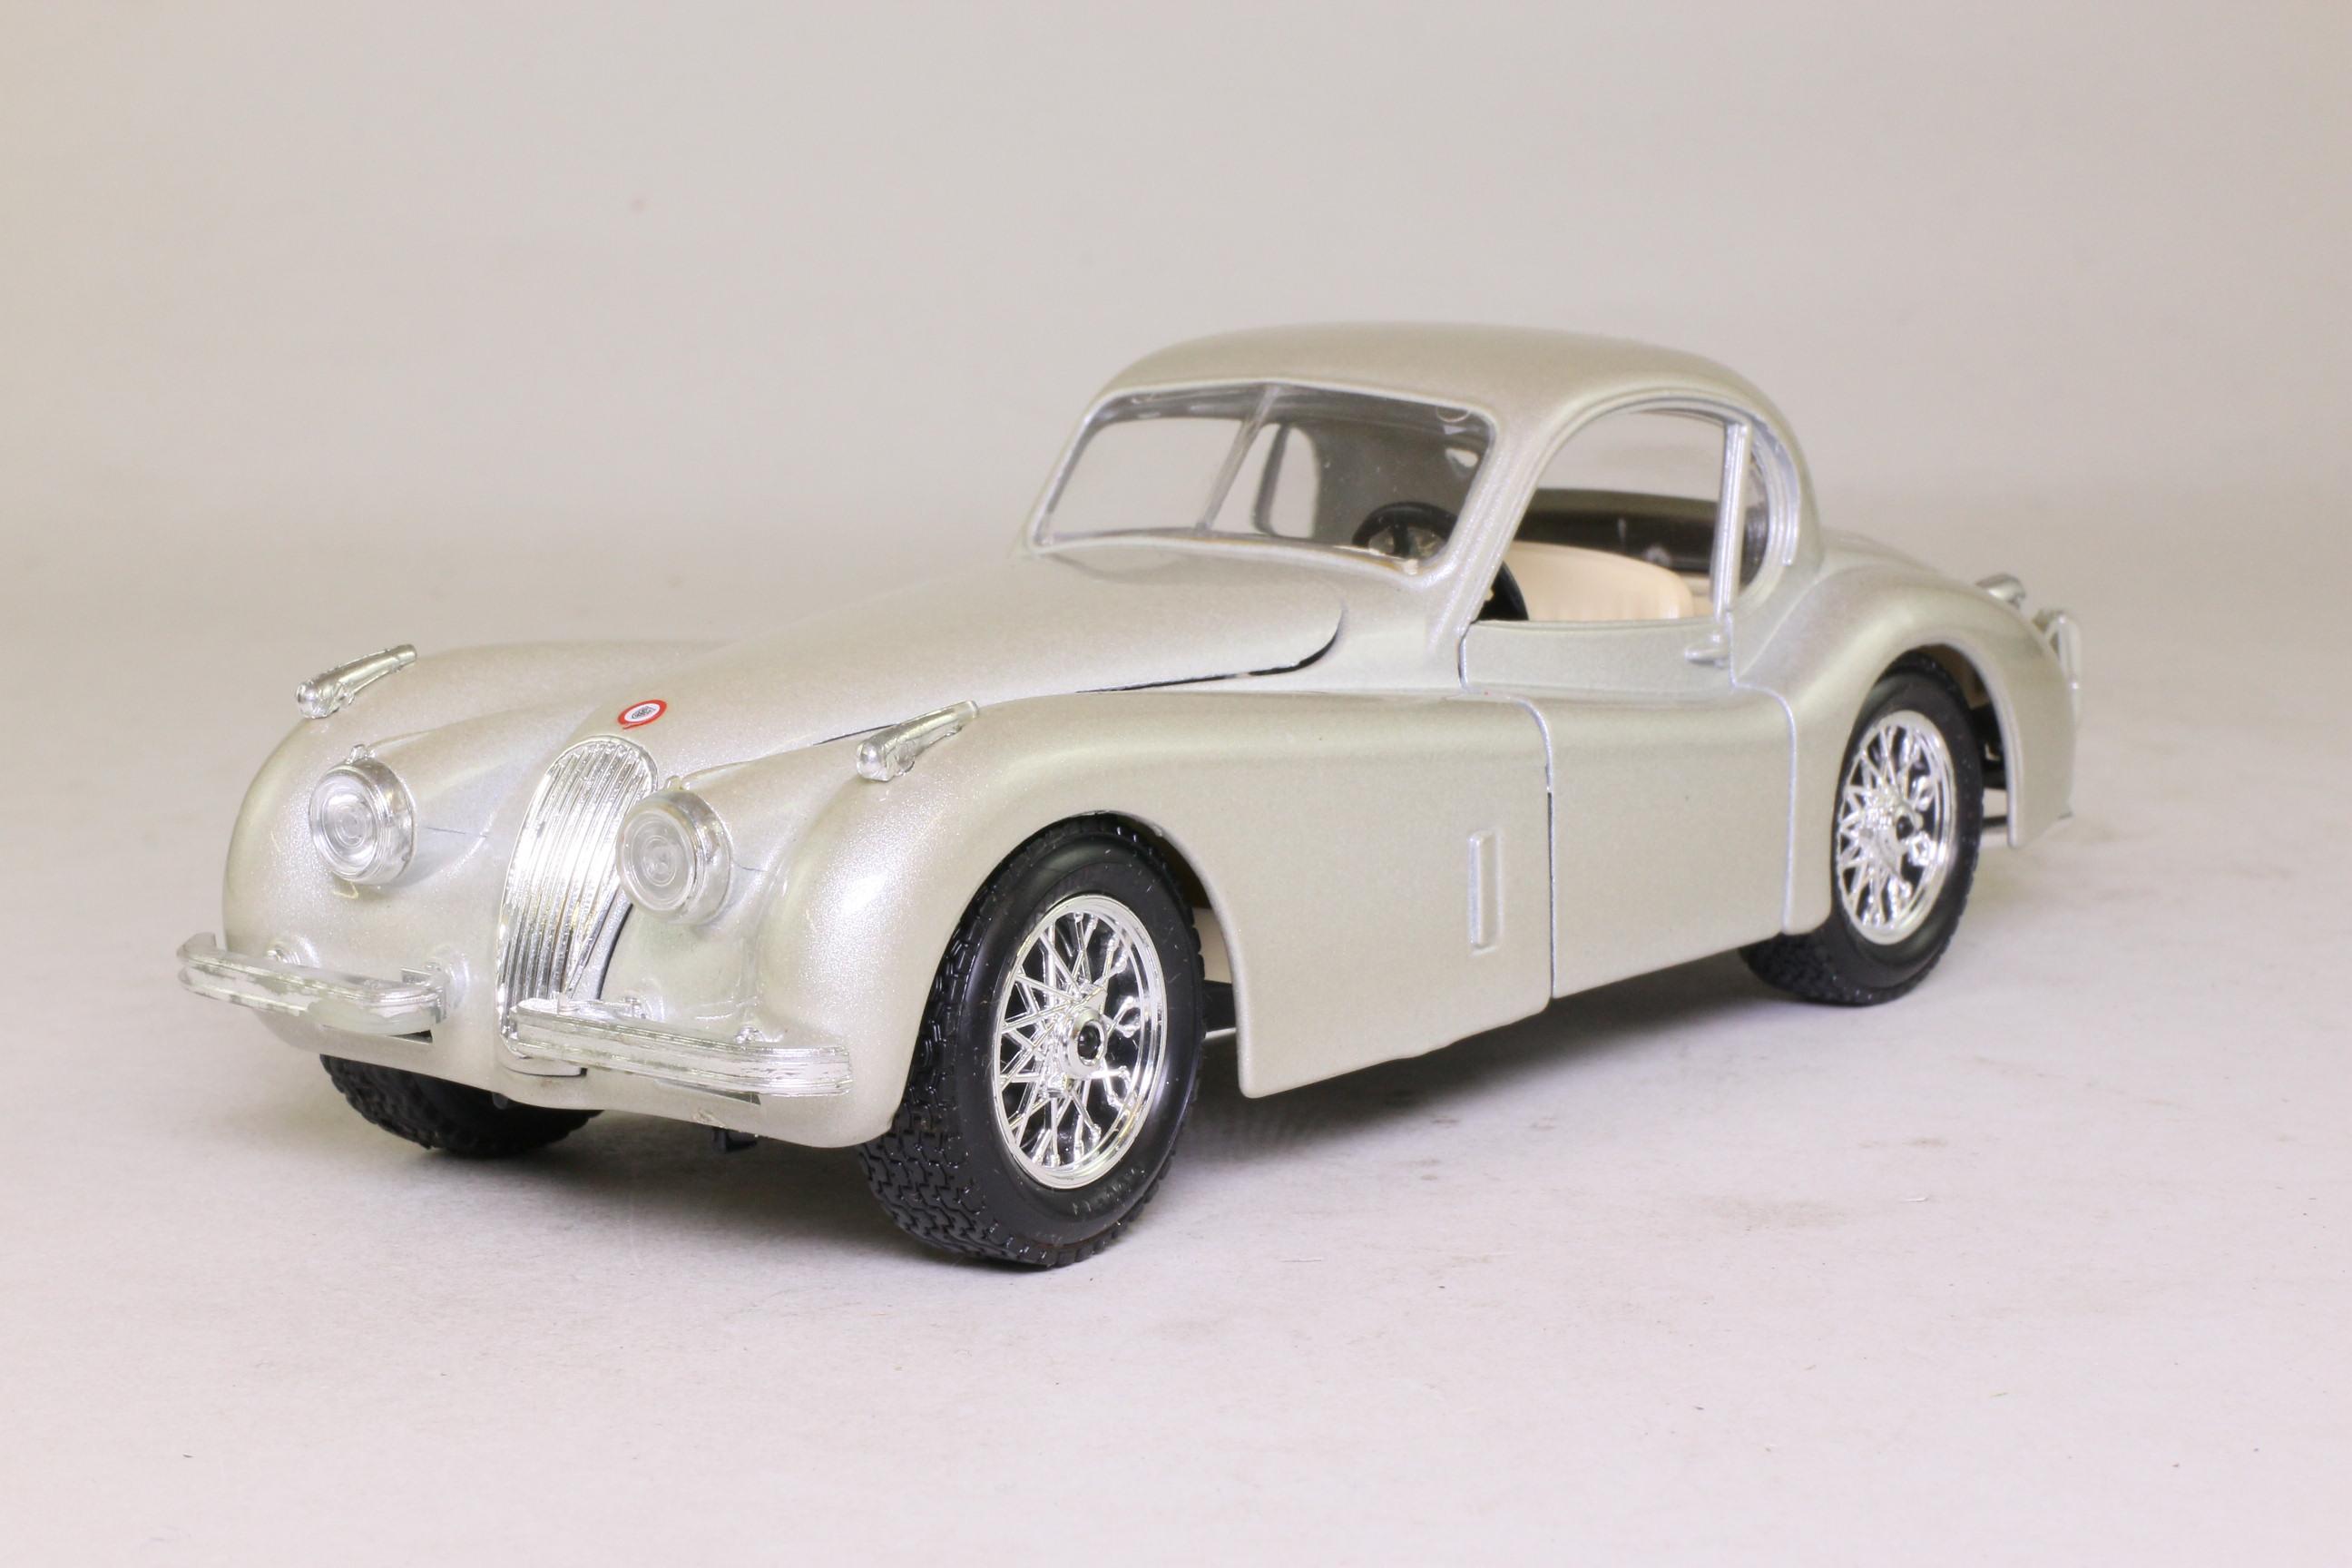 Burago 1508 1948 Jaguar Xk120 Coupe 1 24 Scale Met